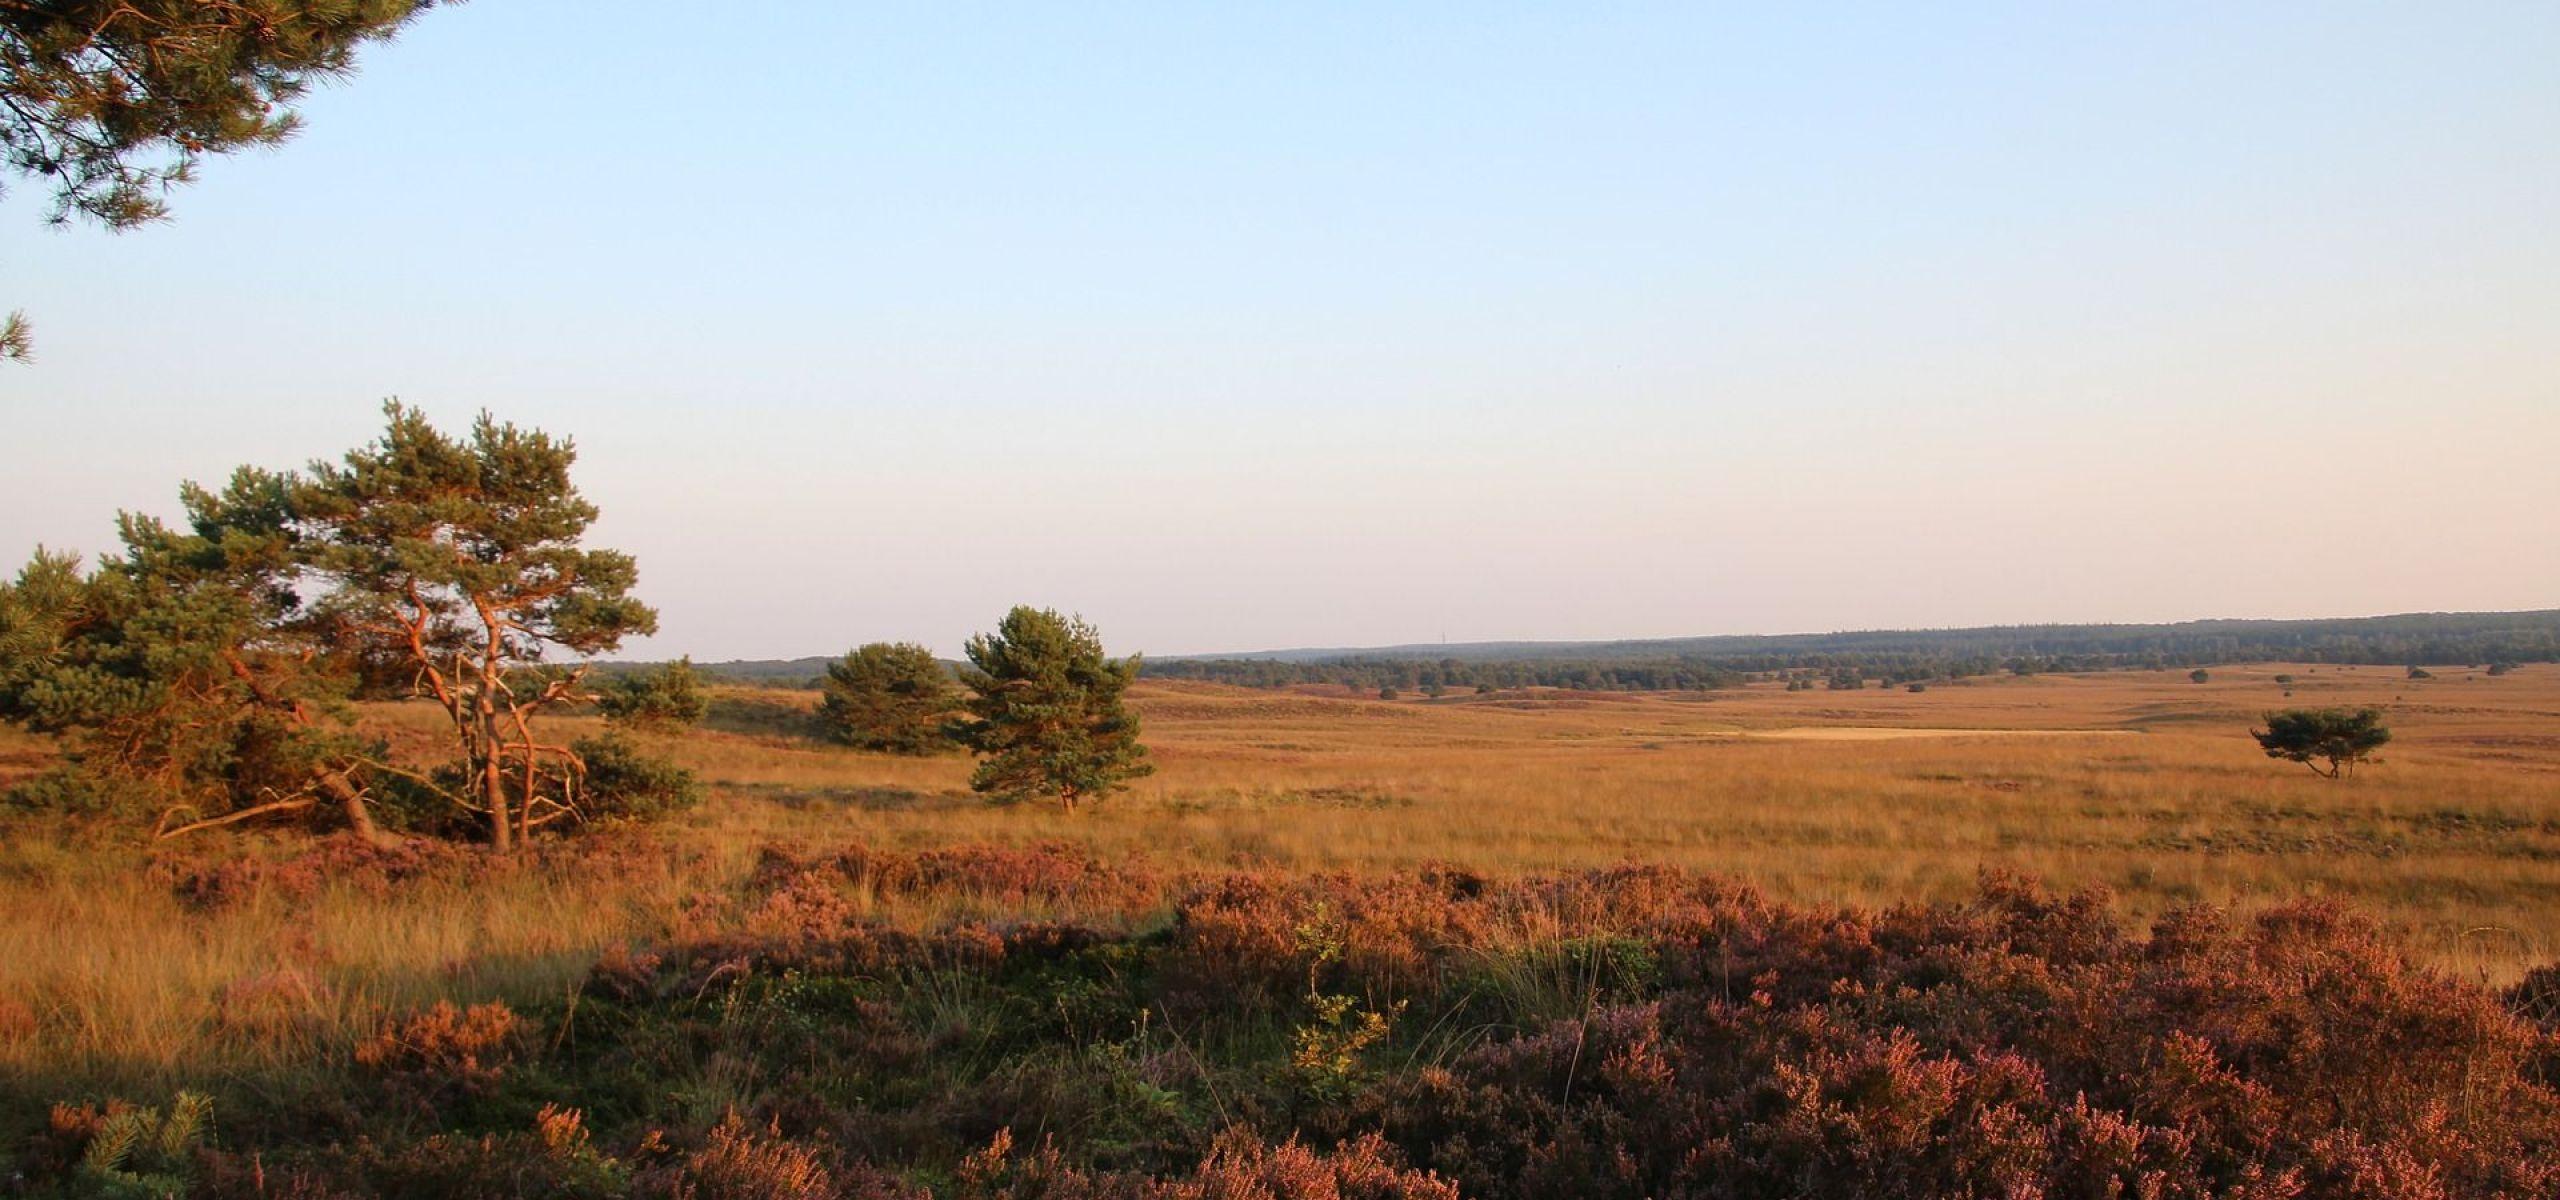 Landschap de Veluwe